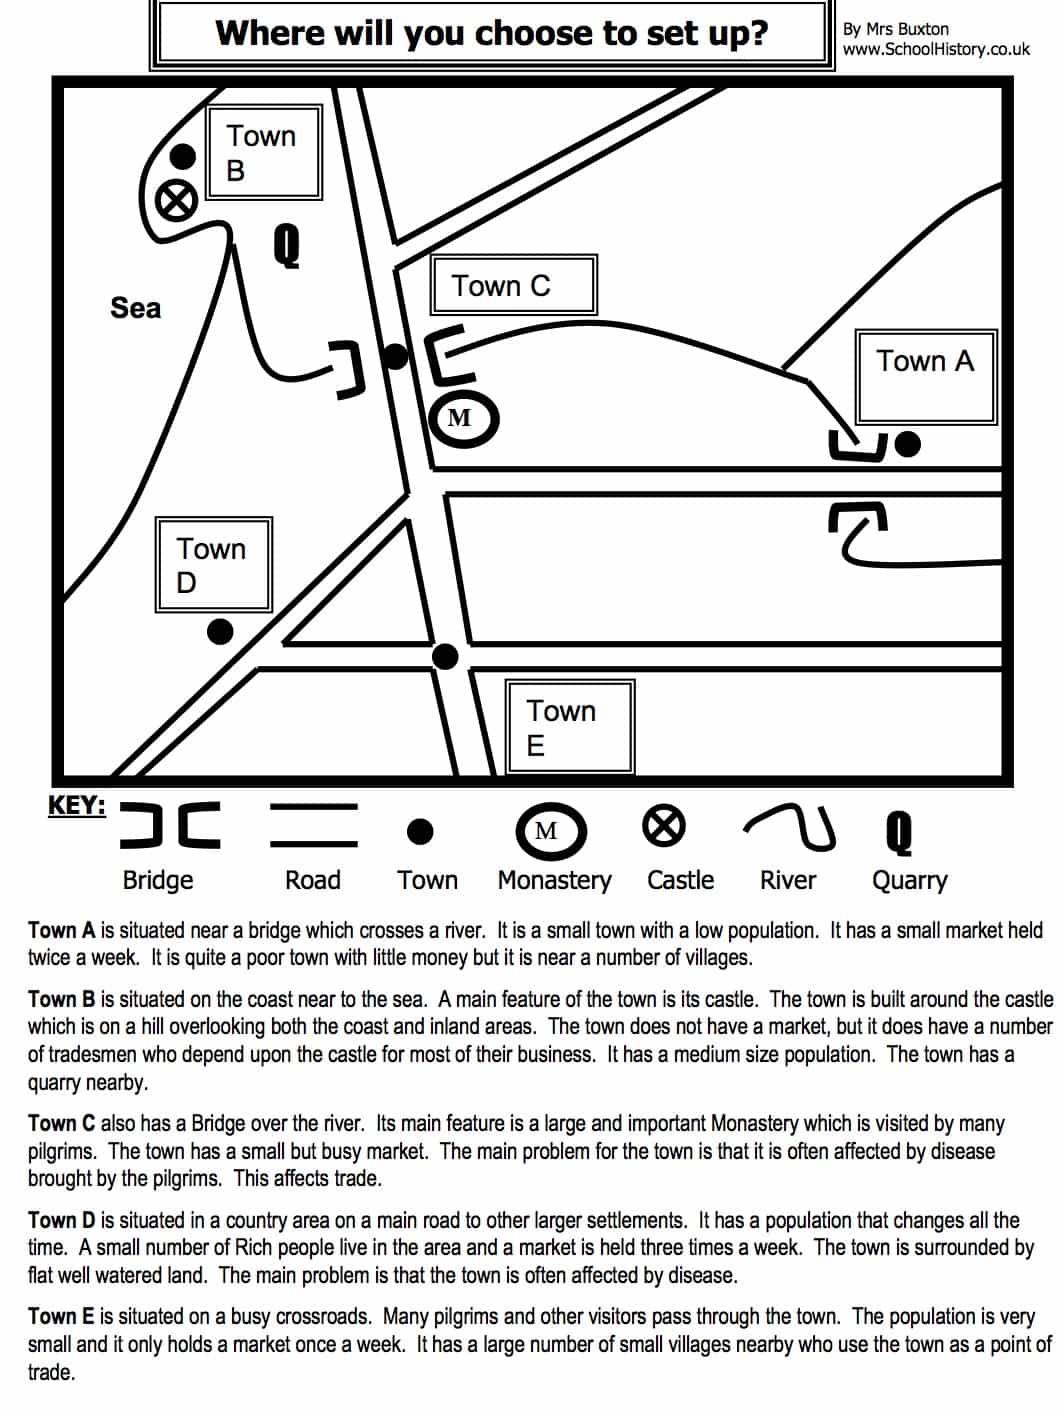 free history worksheets ks3 ks4 lesson plans resources. Black Bedroom Furniture Sets. Home Design Ideas